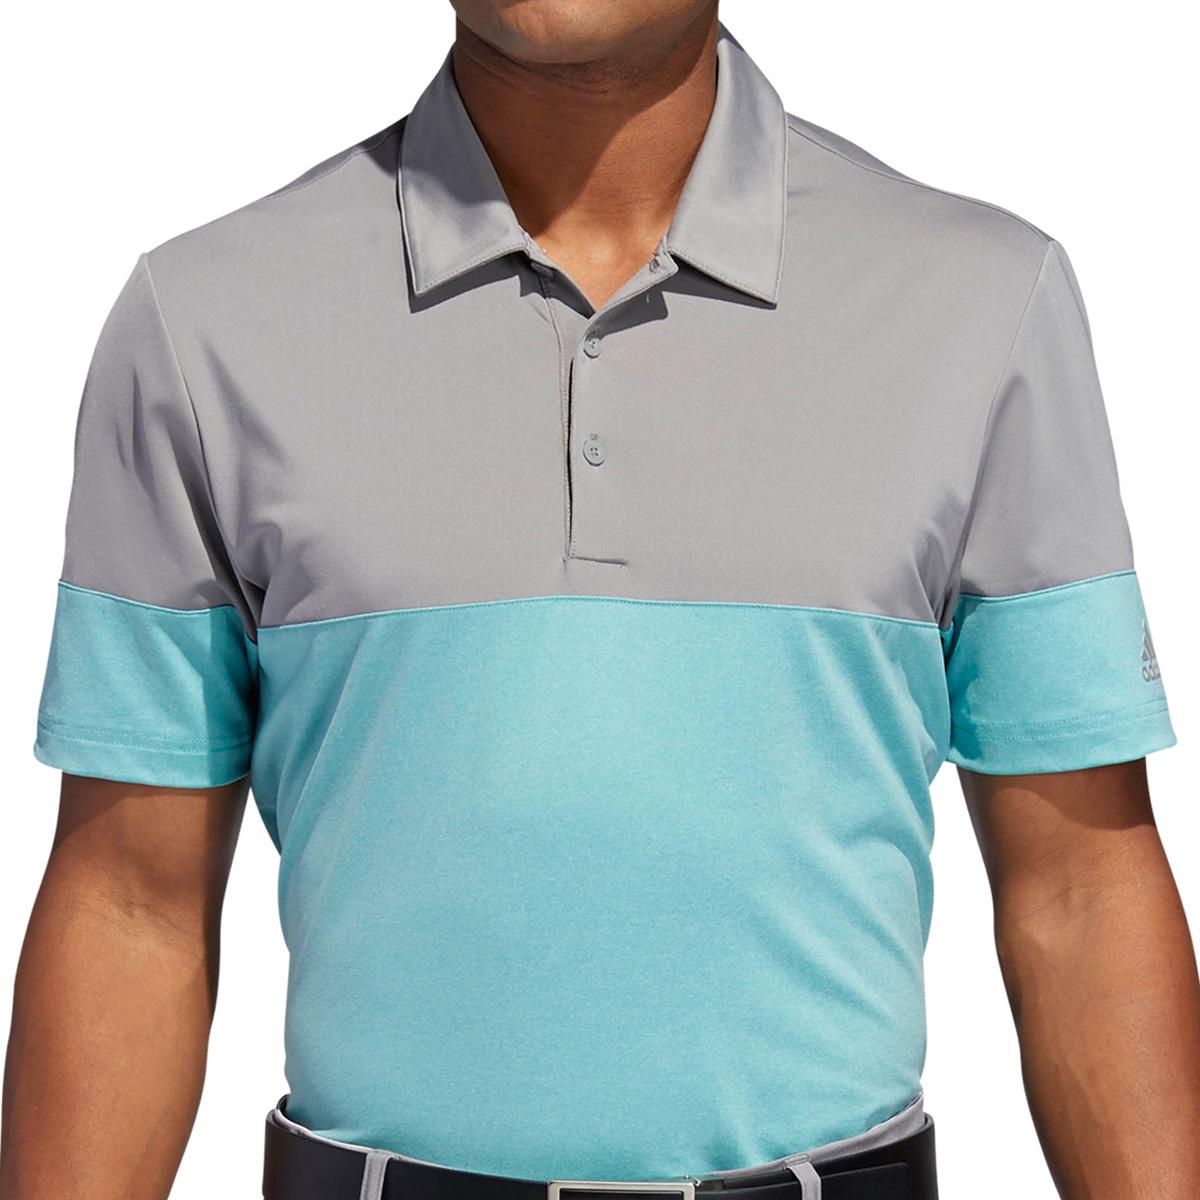 ストレッチ ULTIMATE365 バイカラー 半袖ポロシャツ